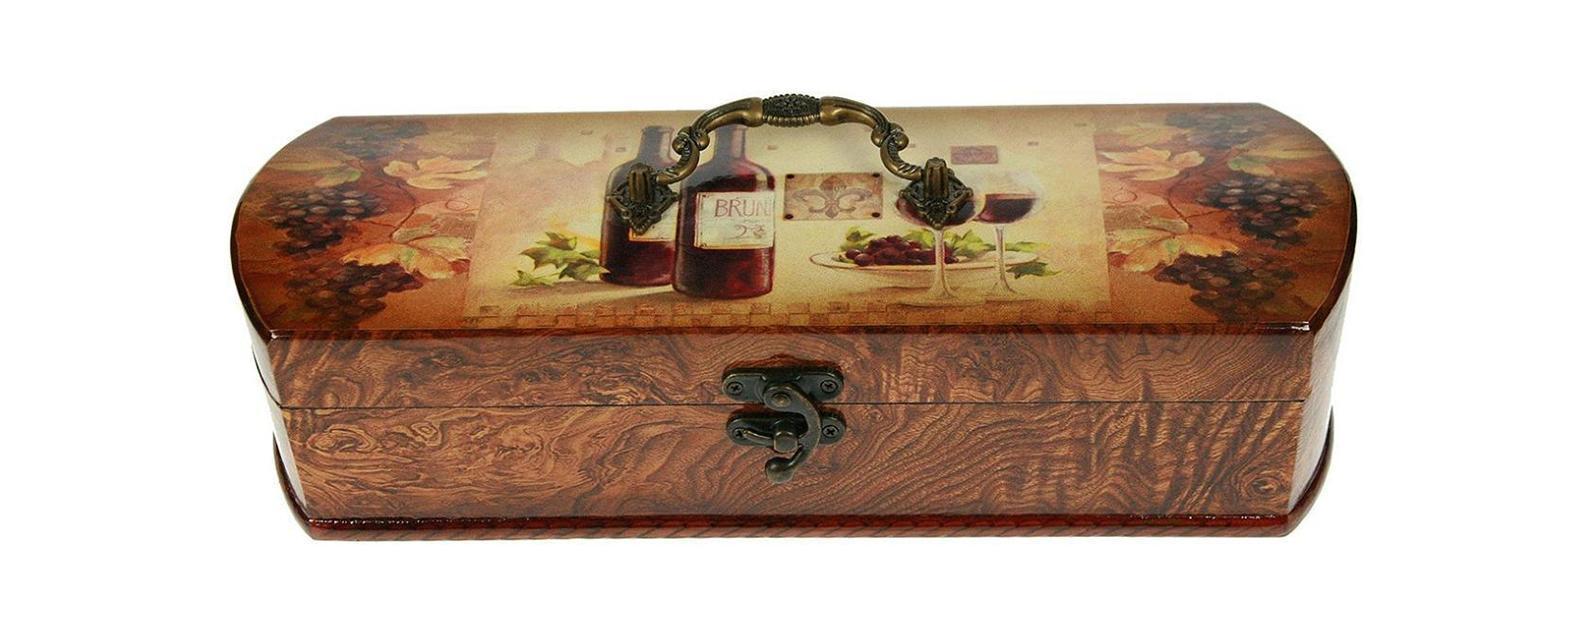 Шкатулка Сундучок под бутылку 36*12*10см 3476134761Шкатулка Русские подарки Сундучок 34761 предназначена для хранения бутылок с вином. Она не оставит равнодушным ни одного любителя оригинальных вещей. Данная модель надежно закрывается на металлический замок. Сочетание оригинального дизайна и функциональности делает такую вещь практичным, стильным подарком и предметом гордости ее обладателя.